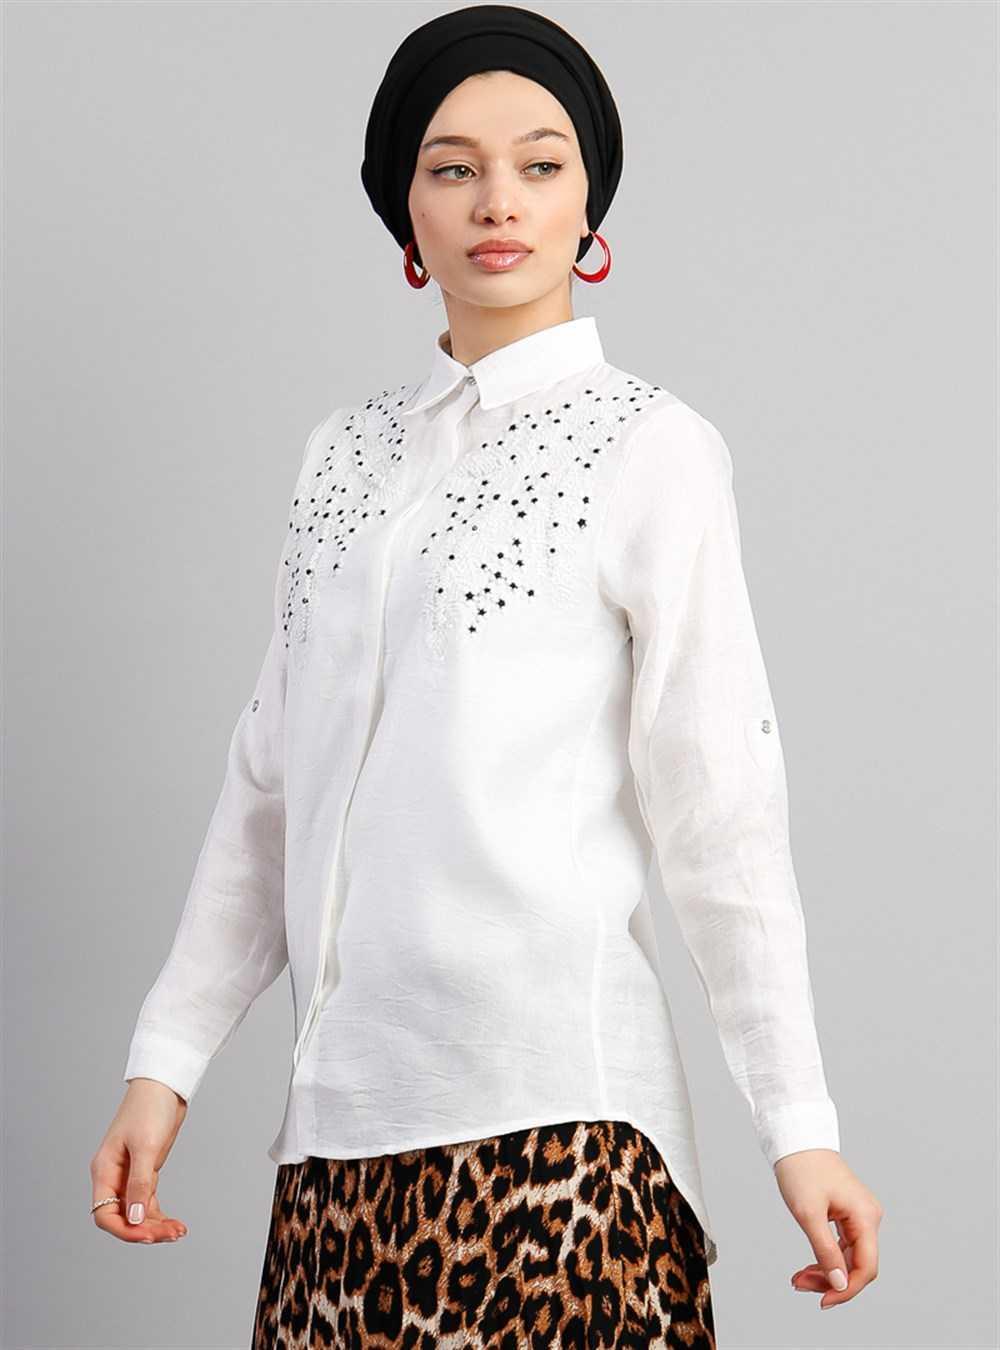 Vamelya Nakışlı Tesettür Gömlek Modelleri